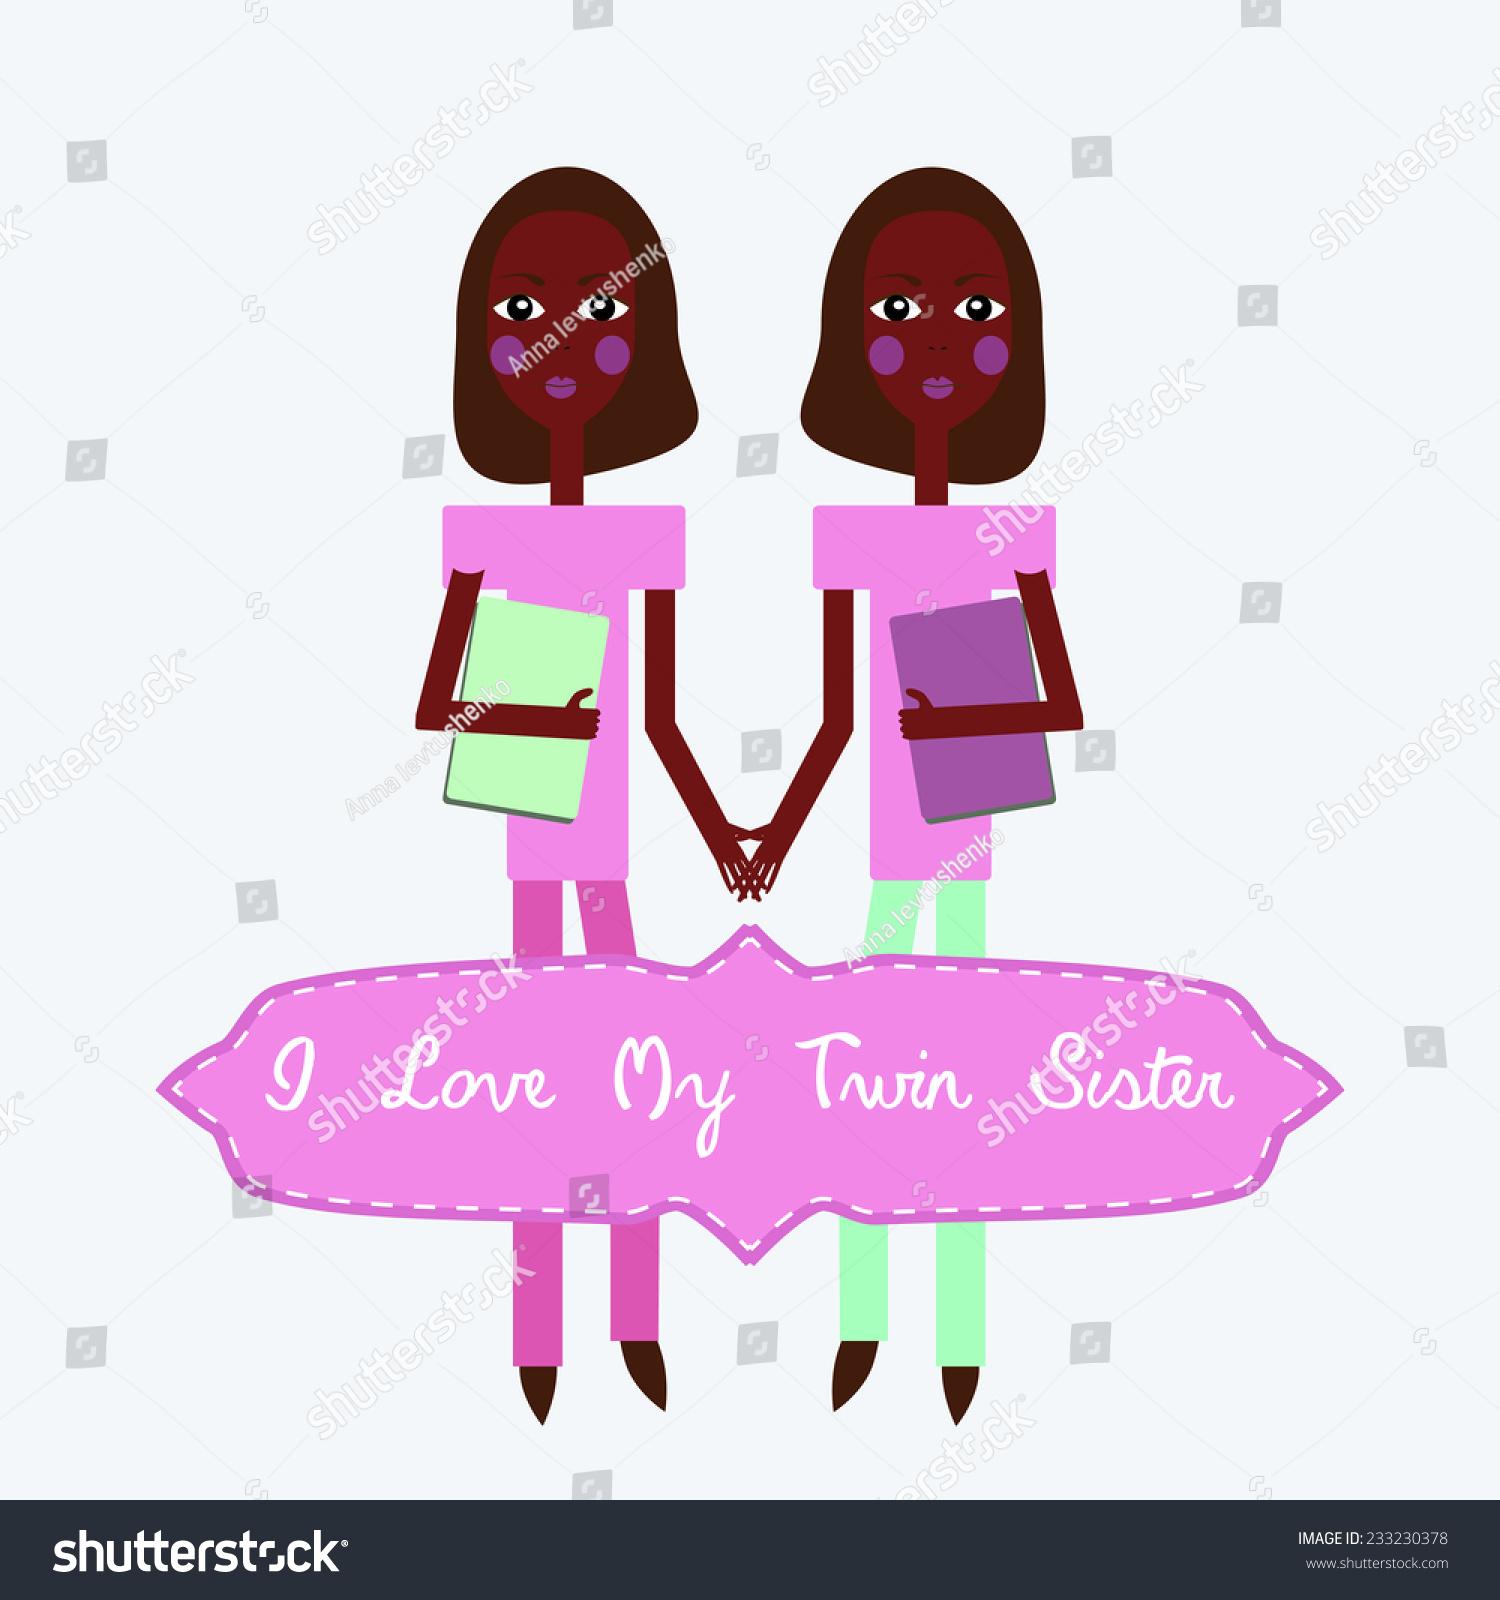 Suchen Sie Nach Twins Love My Twin Sister Happy Stockbildern In Hd Und Millionen Weiteren Lizenzfreien Stockfotos Illustrationen Und Vektorgrafiken In Der Shutterstock Kollektion Jeden Tag Werden Tausende Neue Hochwertige Bilder Hinzugefugt